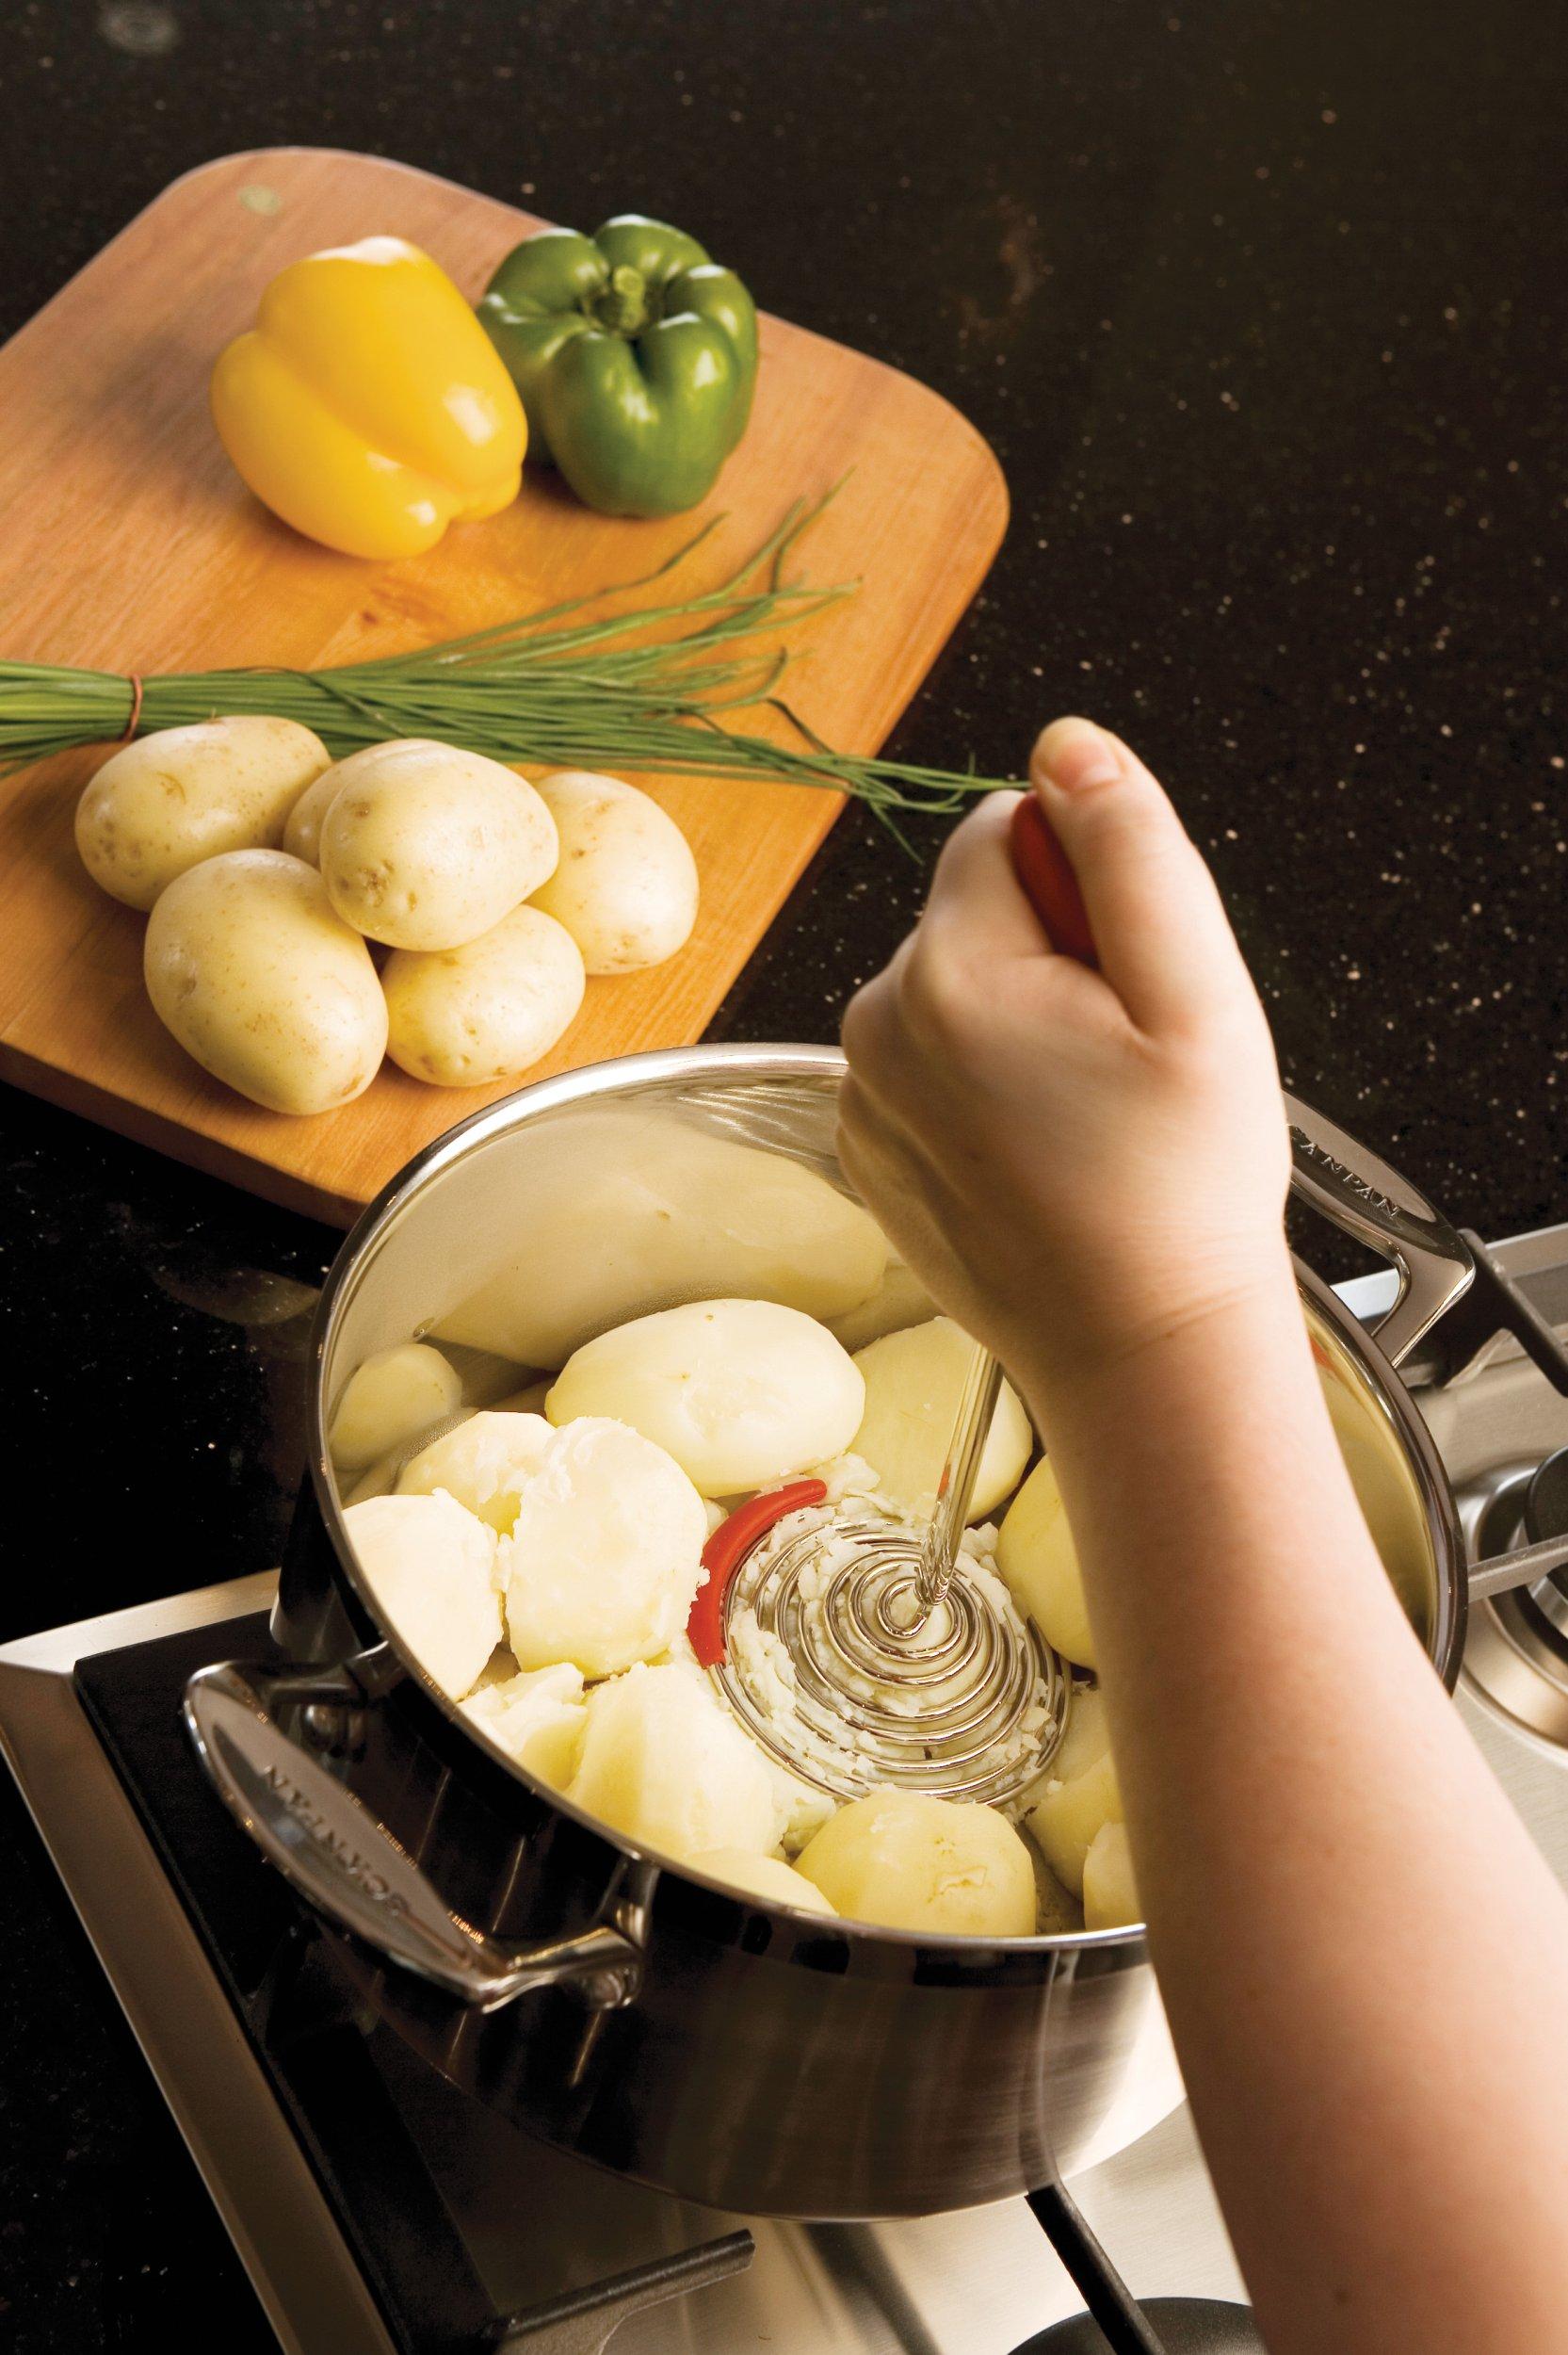 Dreamfarm Smood - One-Press Spring Coil Potato Masher with Silicone Pot Scraper (Green)